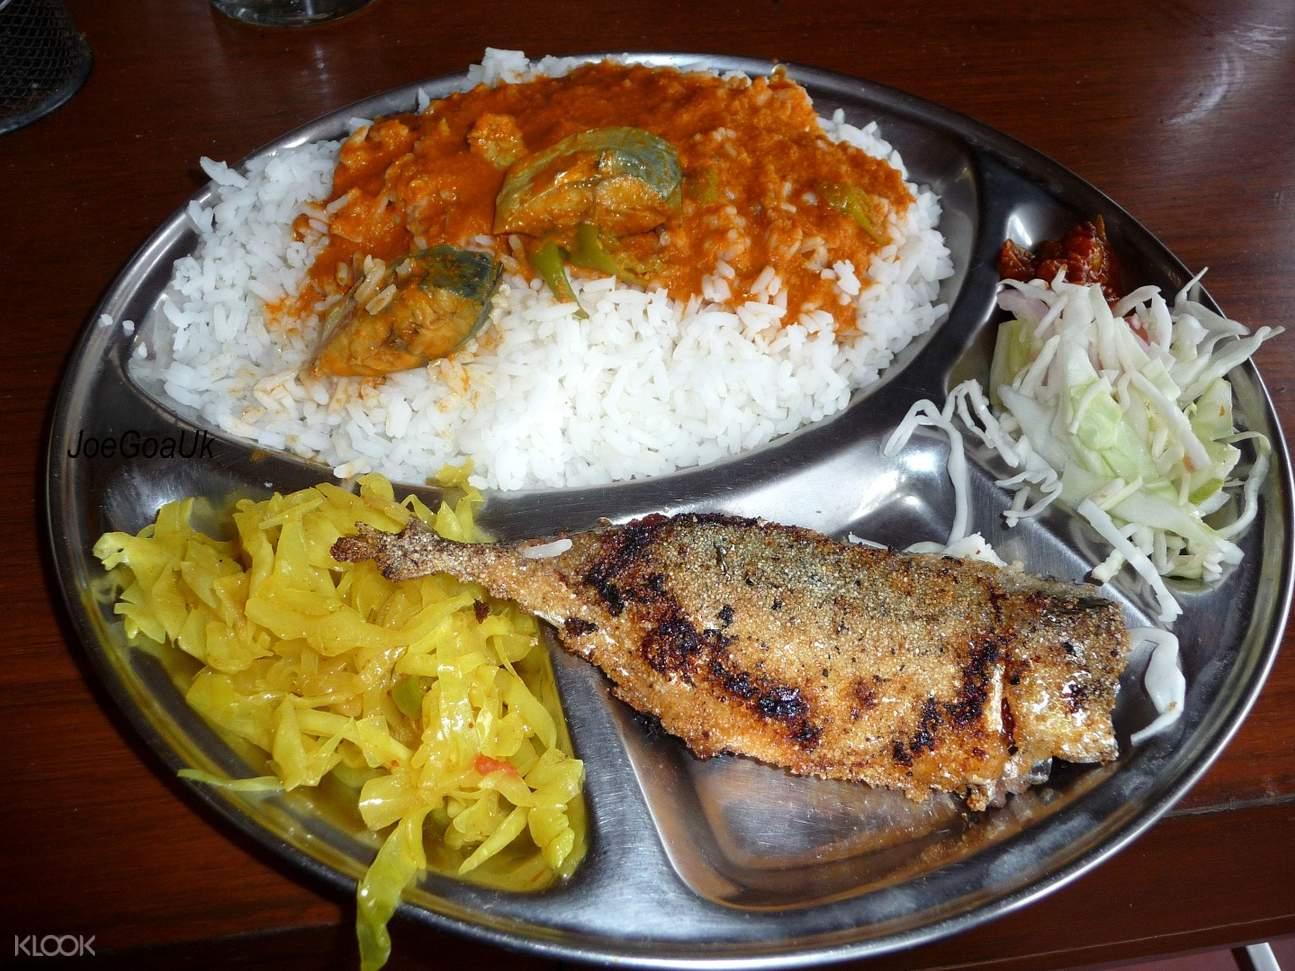 印度果阿邦街頭美食徒步探索之旅